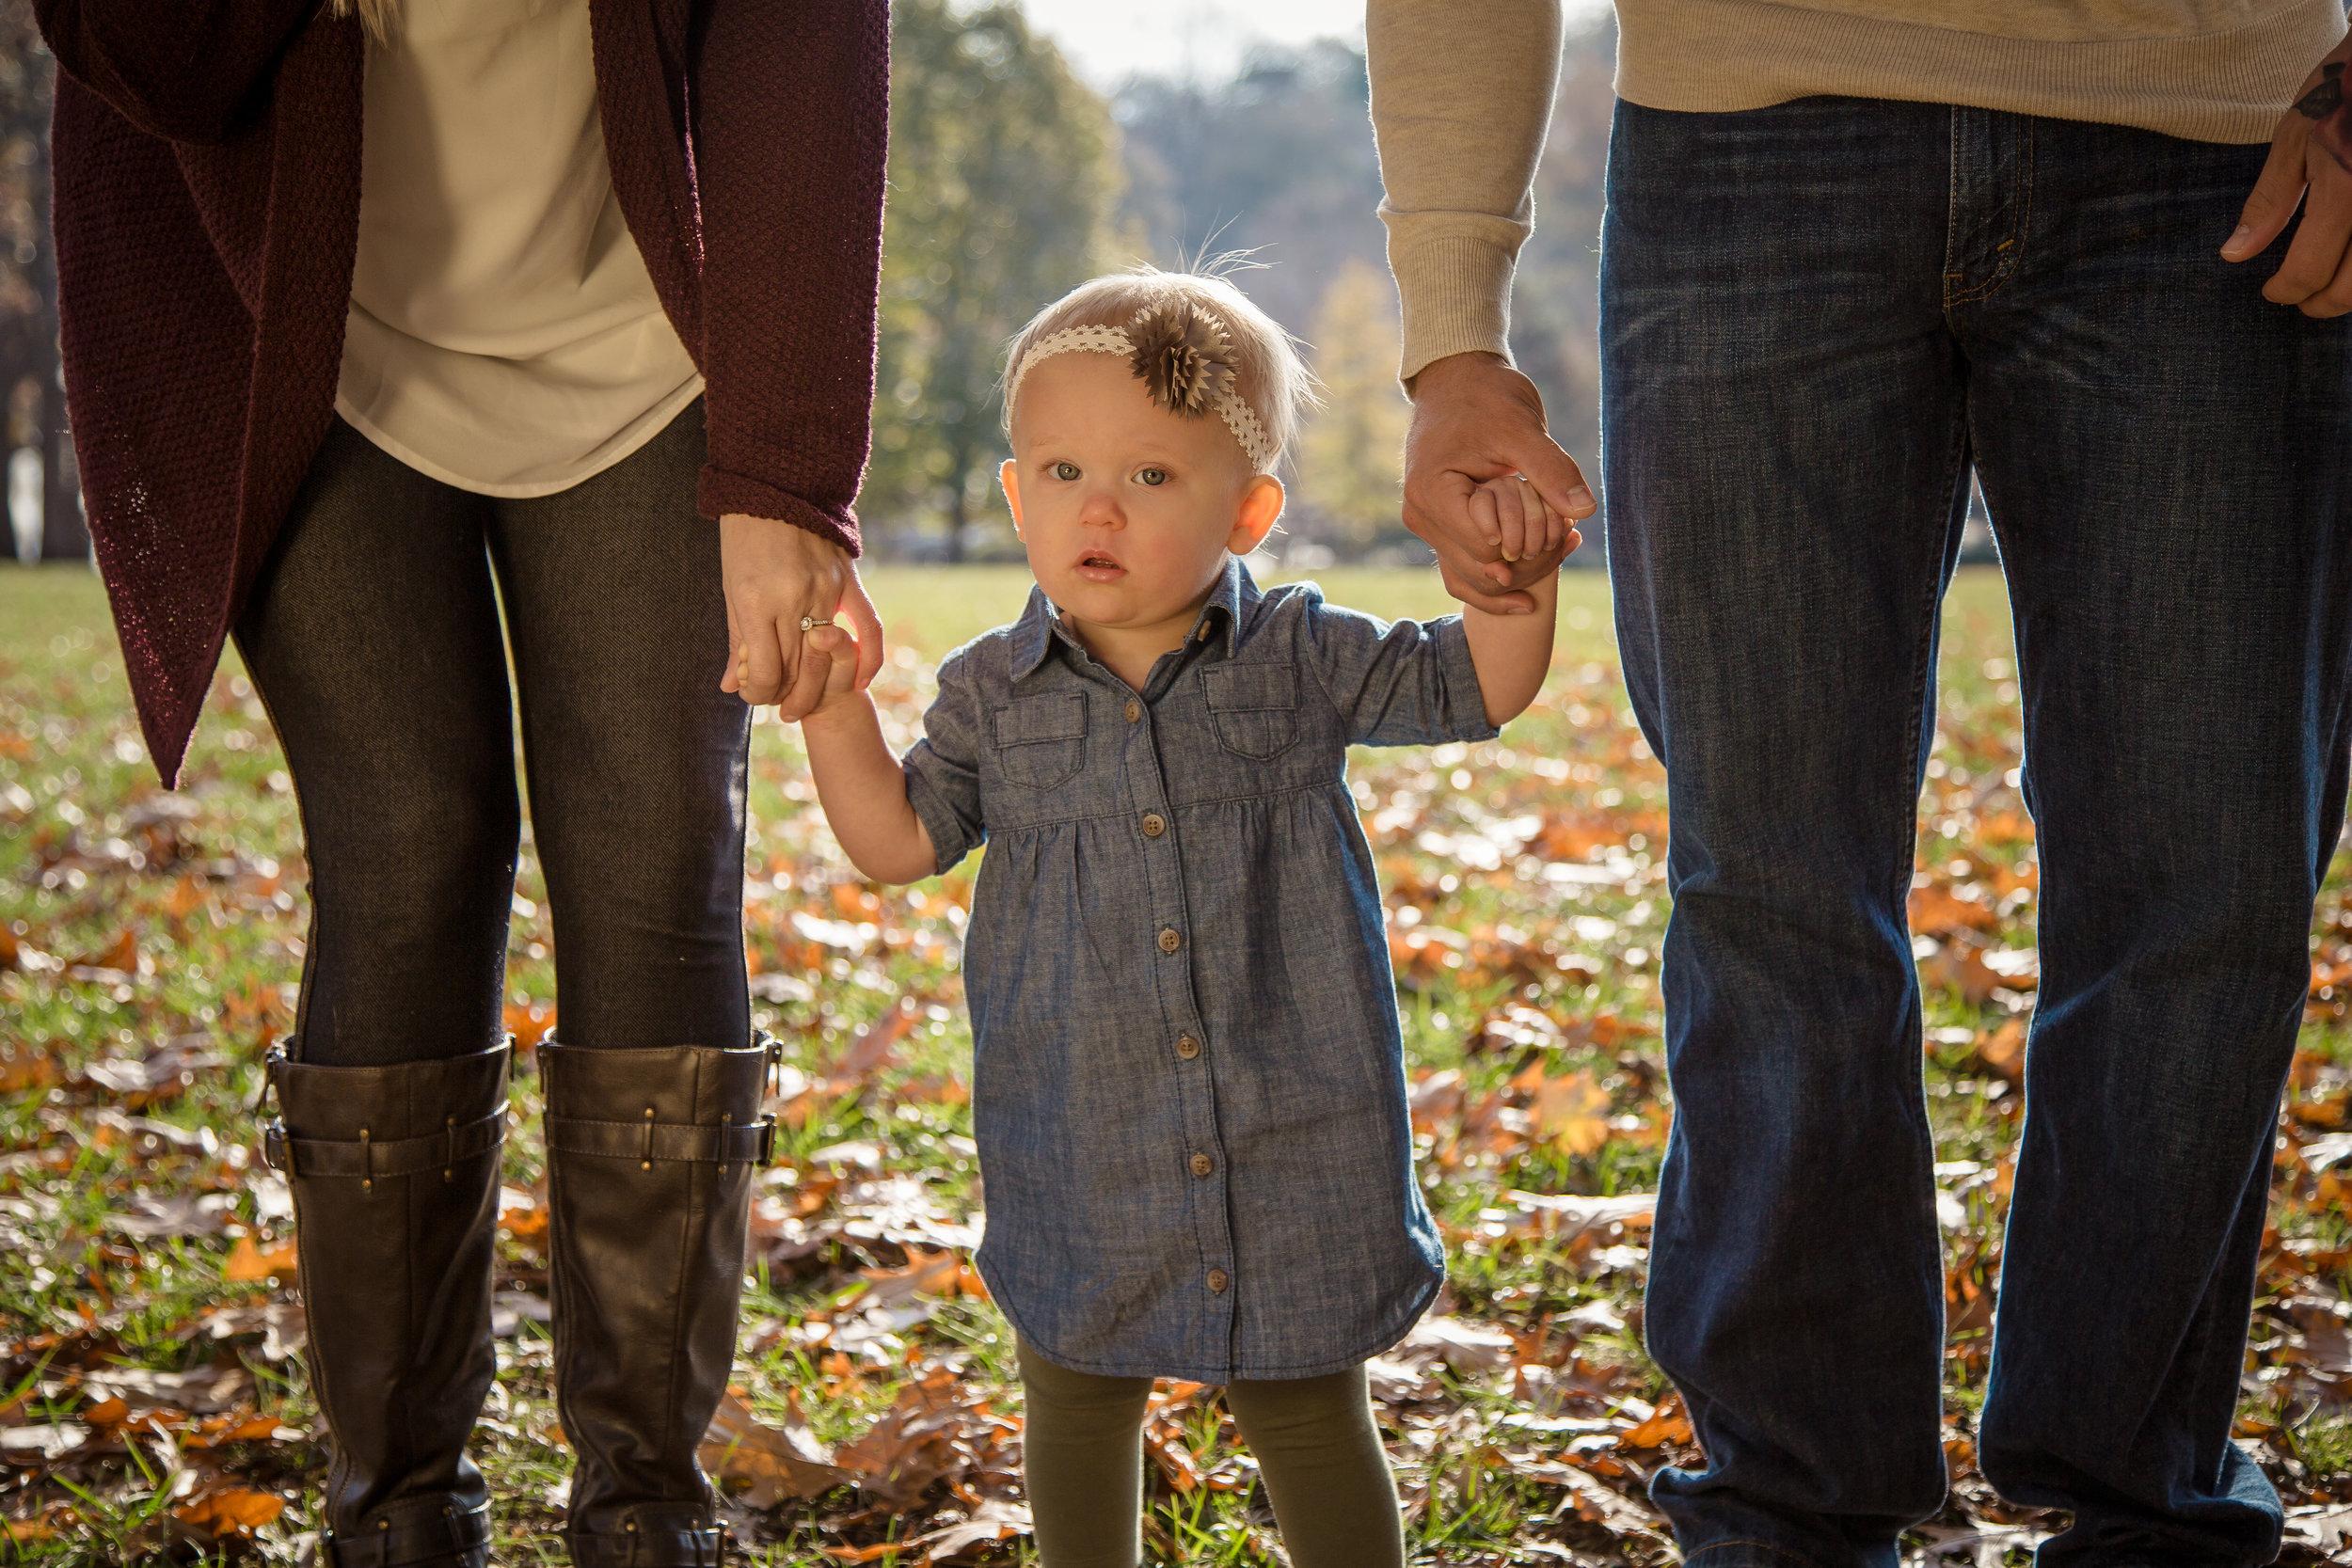 Bennett-Burrell Family Photos 2018 (9 of 39).jpg